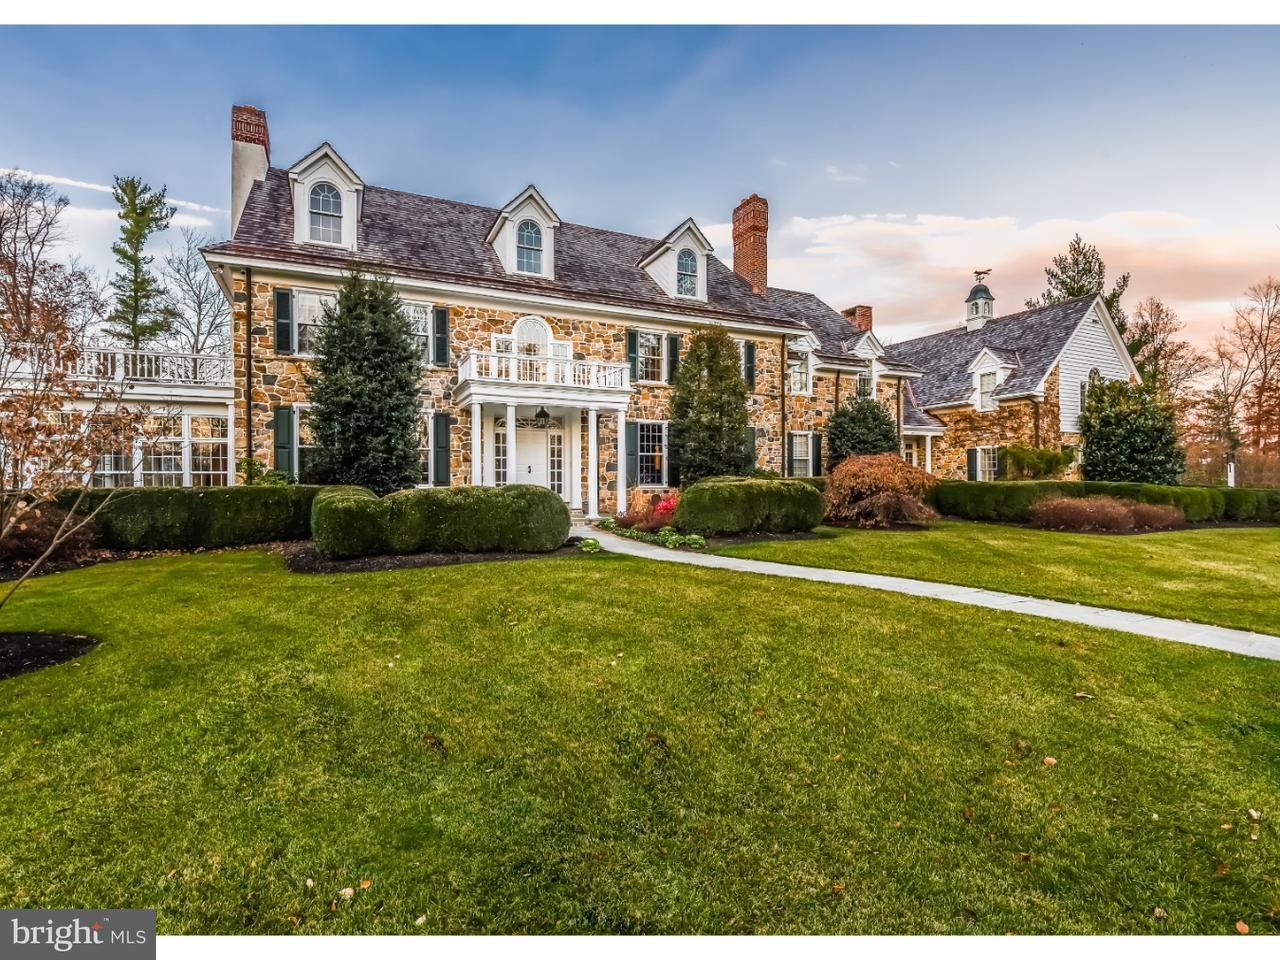 Maison unifamiliale pour l Vente à 744 FOX HOLLOW Road Ambler, Pennsylvanie 19002 États-Unis